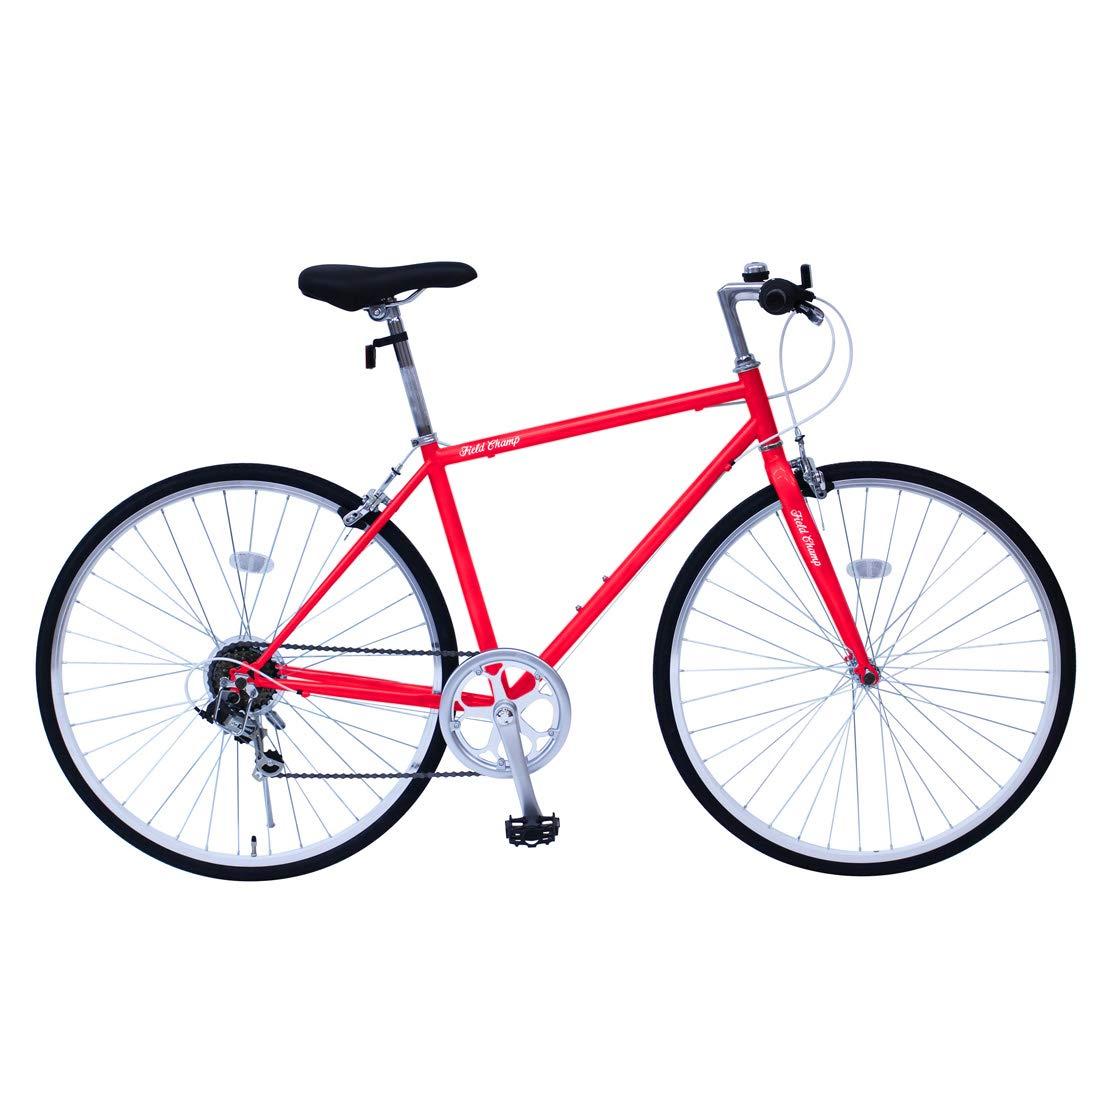 【期間限定】 FIELD CHAMP MG-FCP700CF-RD MG-FCP700CF-RD レッド レッド [クロスバイク自転車] CHAMP B0792QPVZ8, SAVOY:1409c50e --- greaterbayx.co